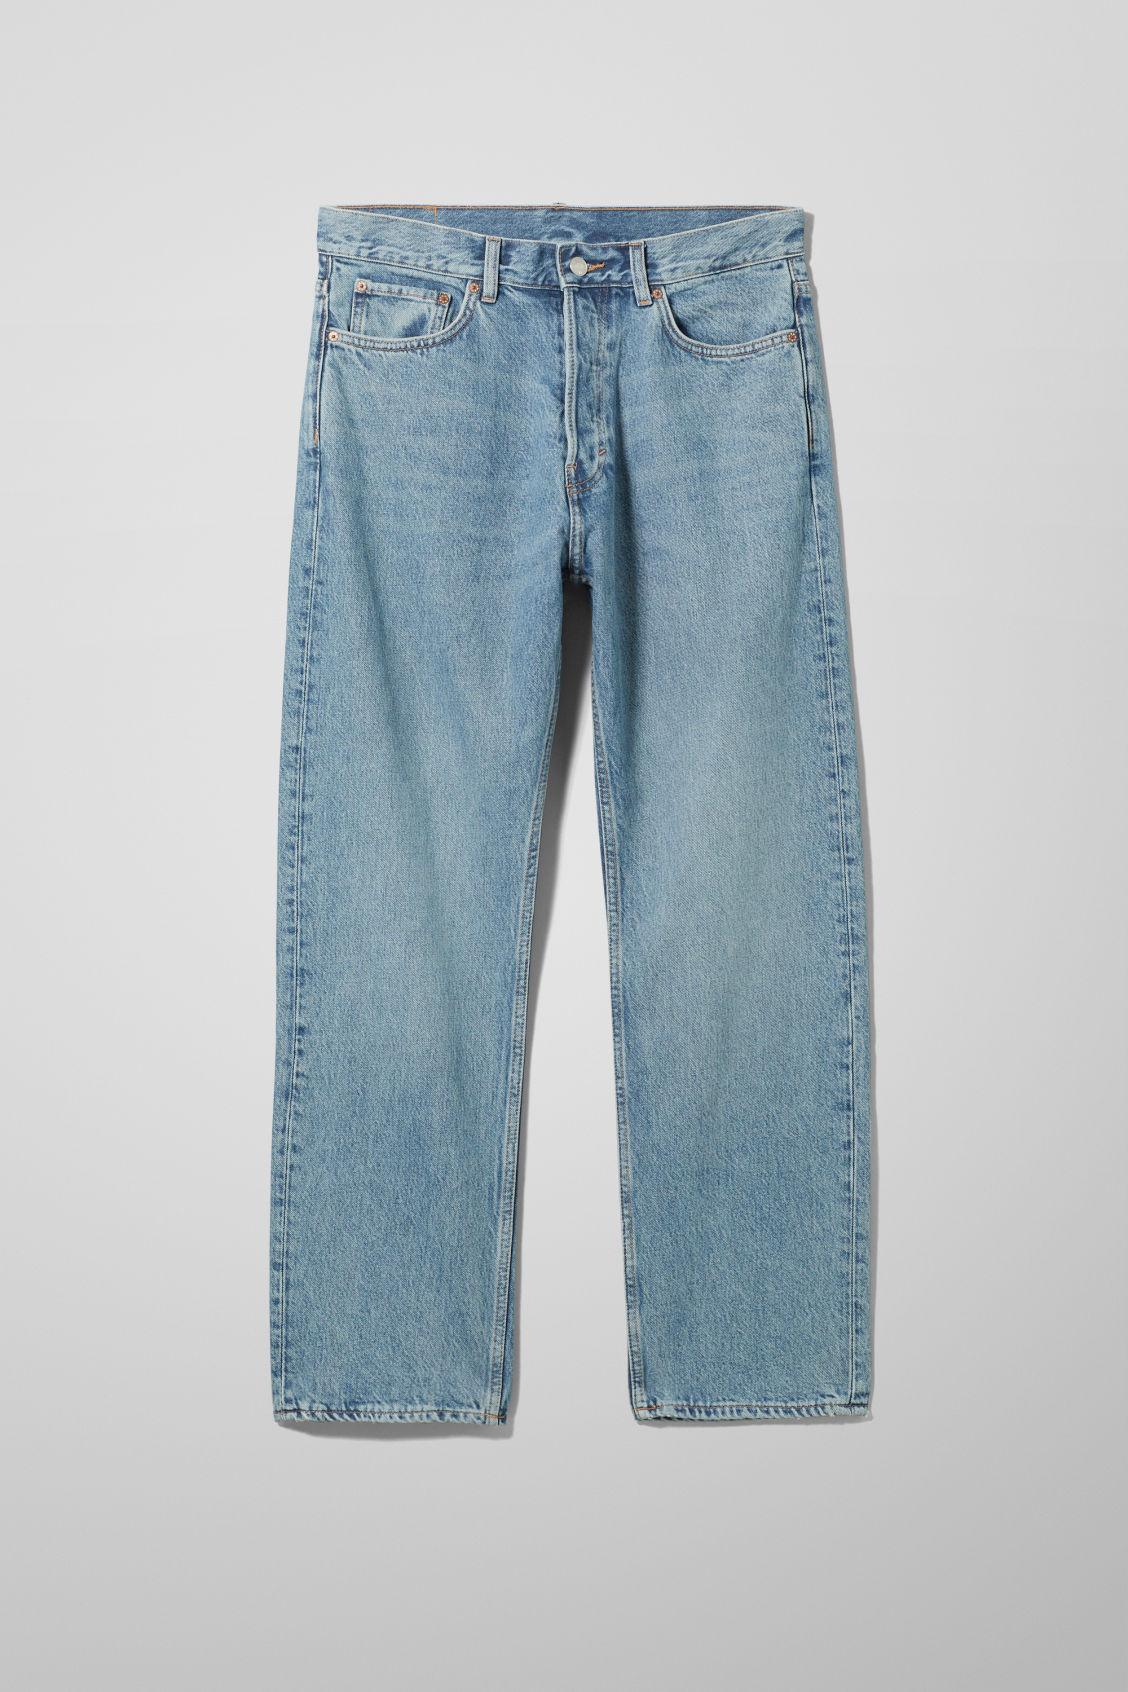 weekday jeans herr